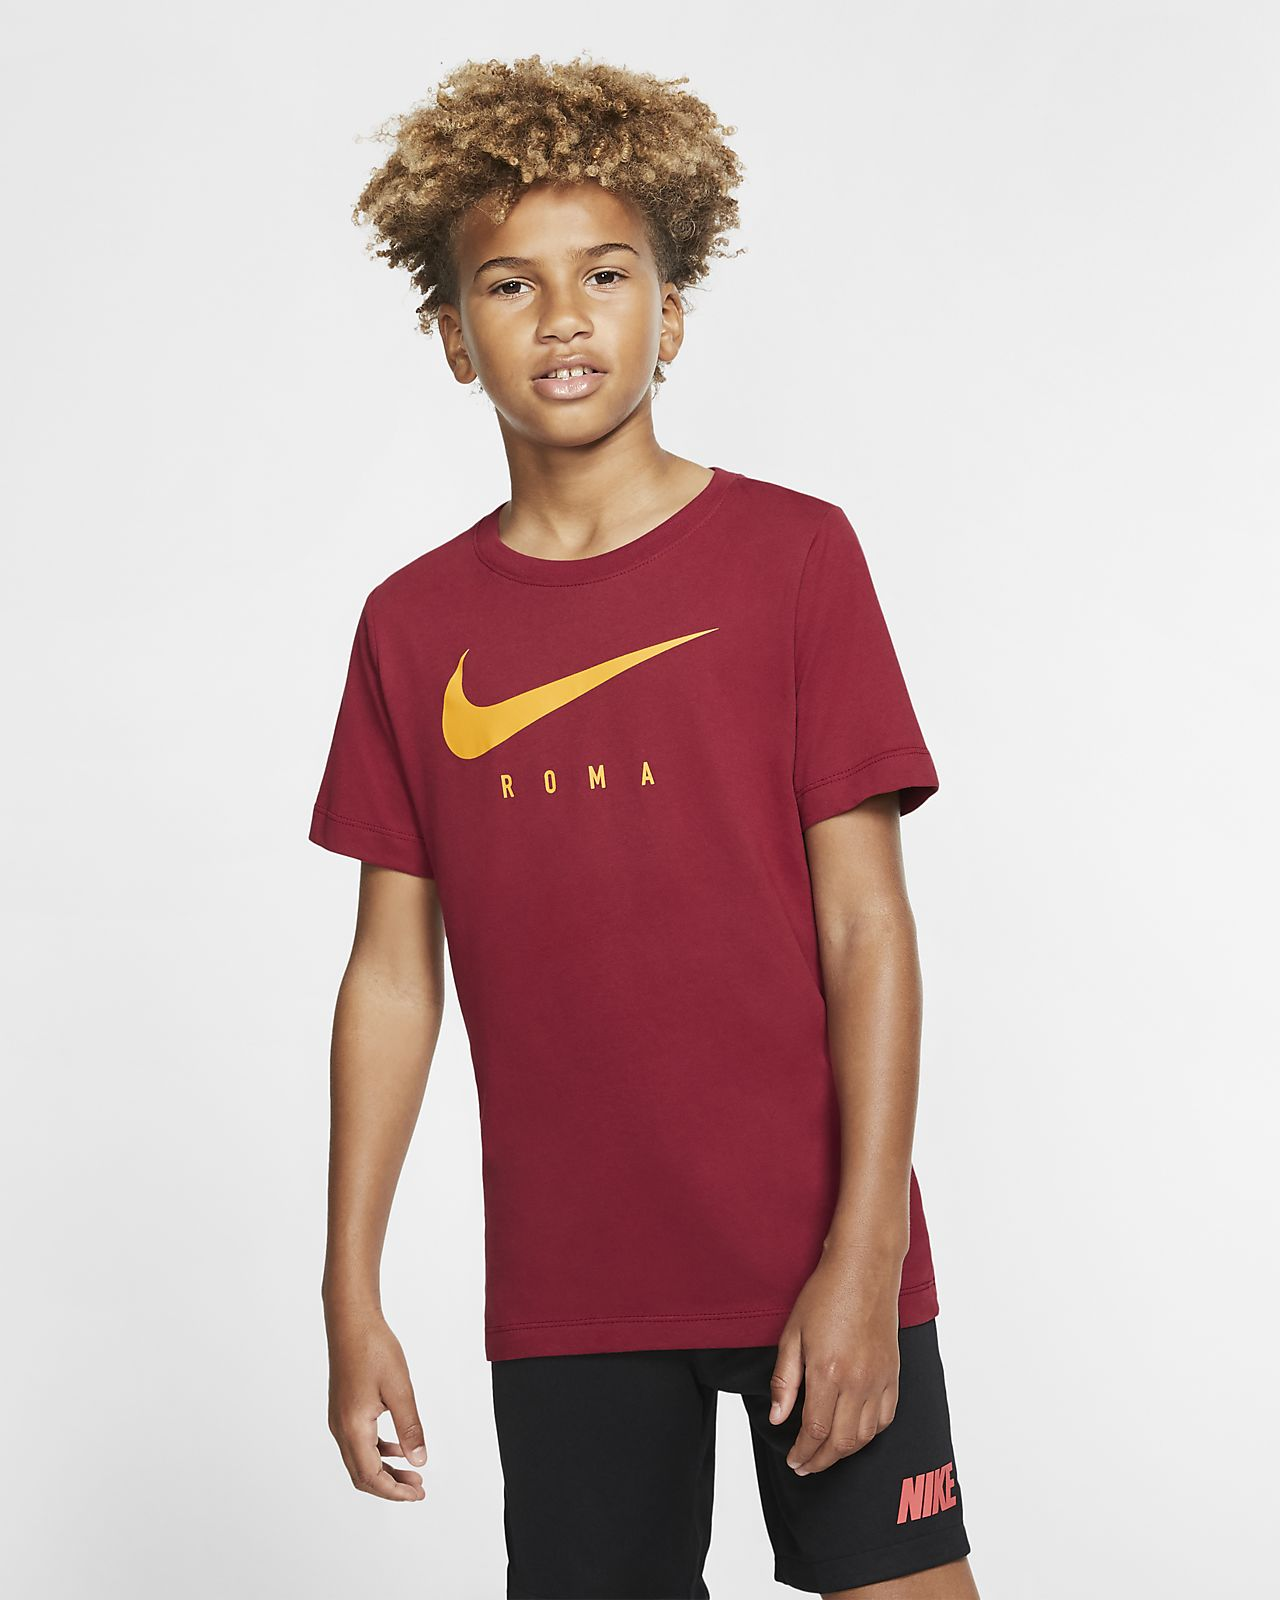 Nike Dri-FIT A.S. Roma futballpóló nagyobb gyerekeknek